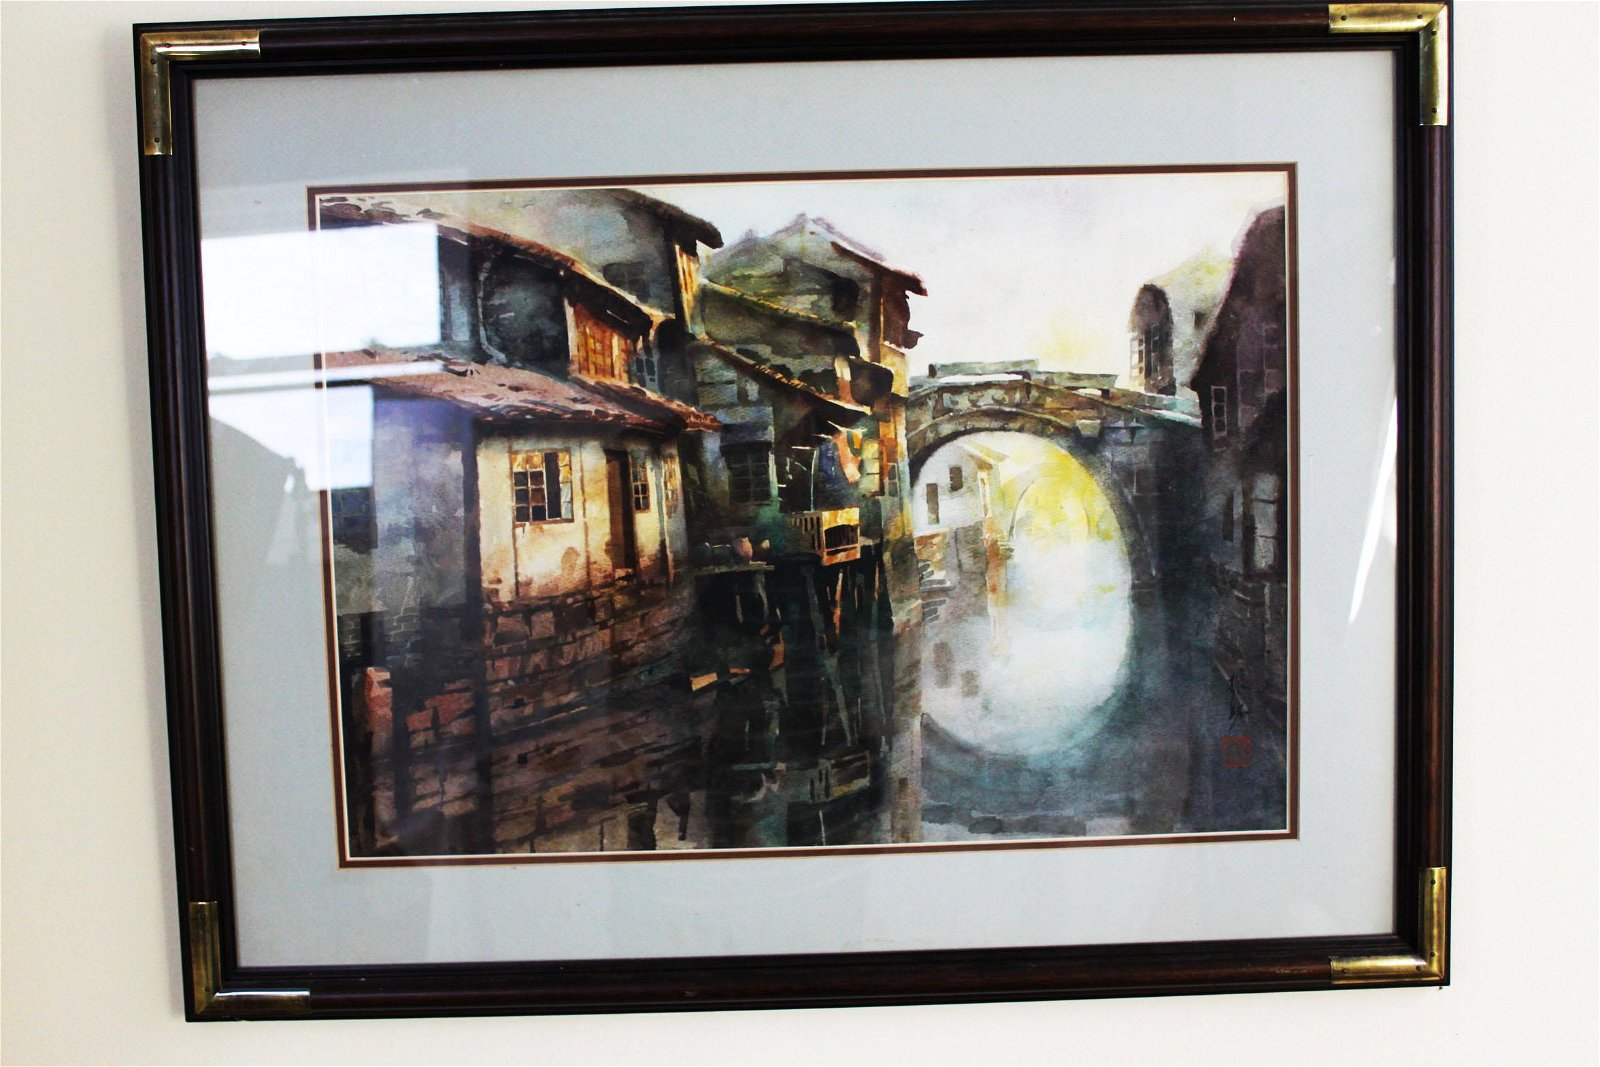 Oil Painting by Zhen-Huan Lu